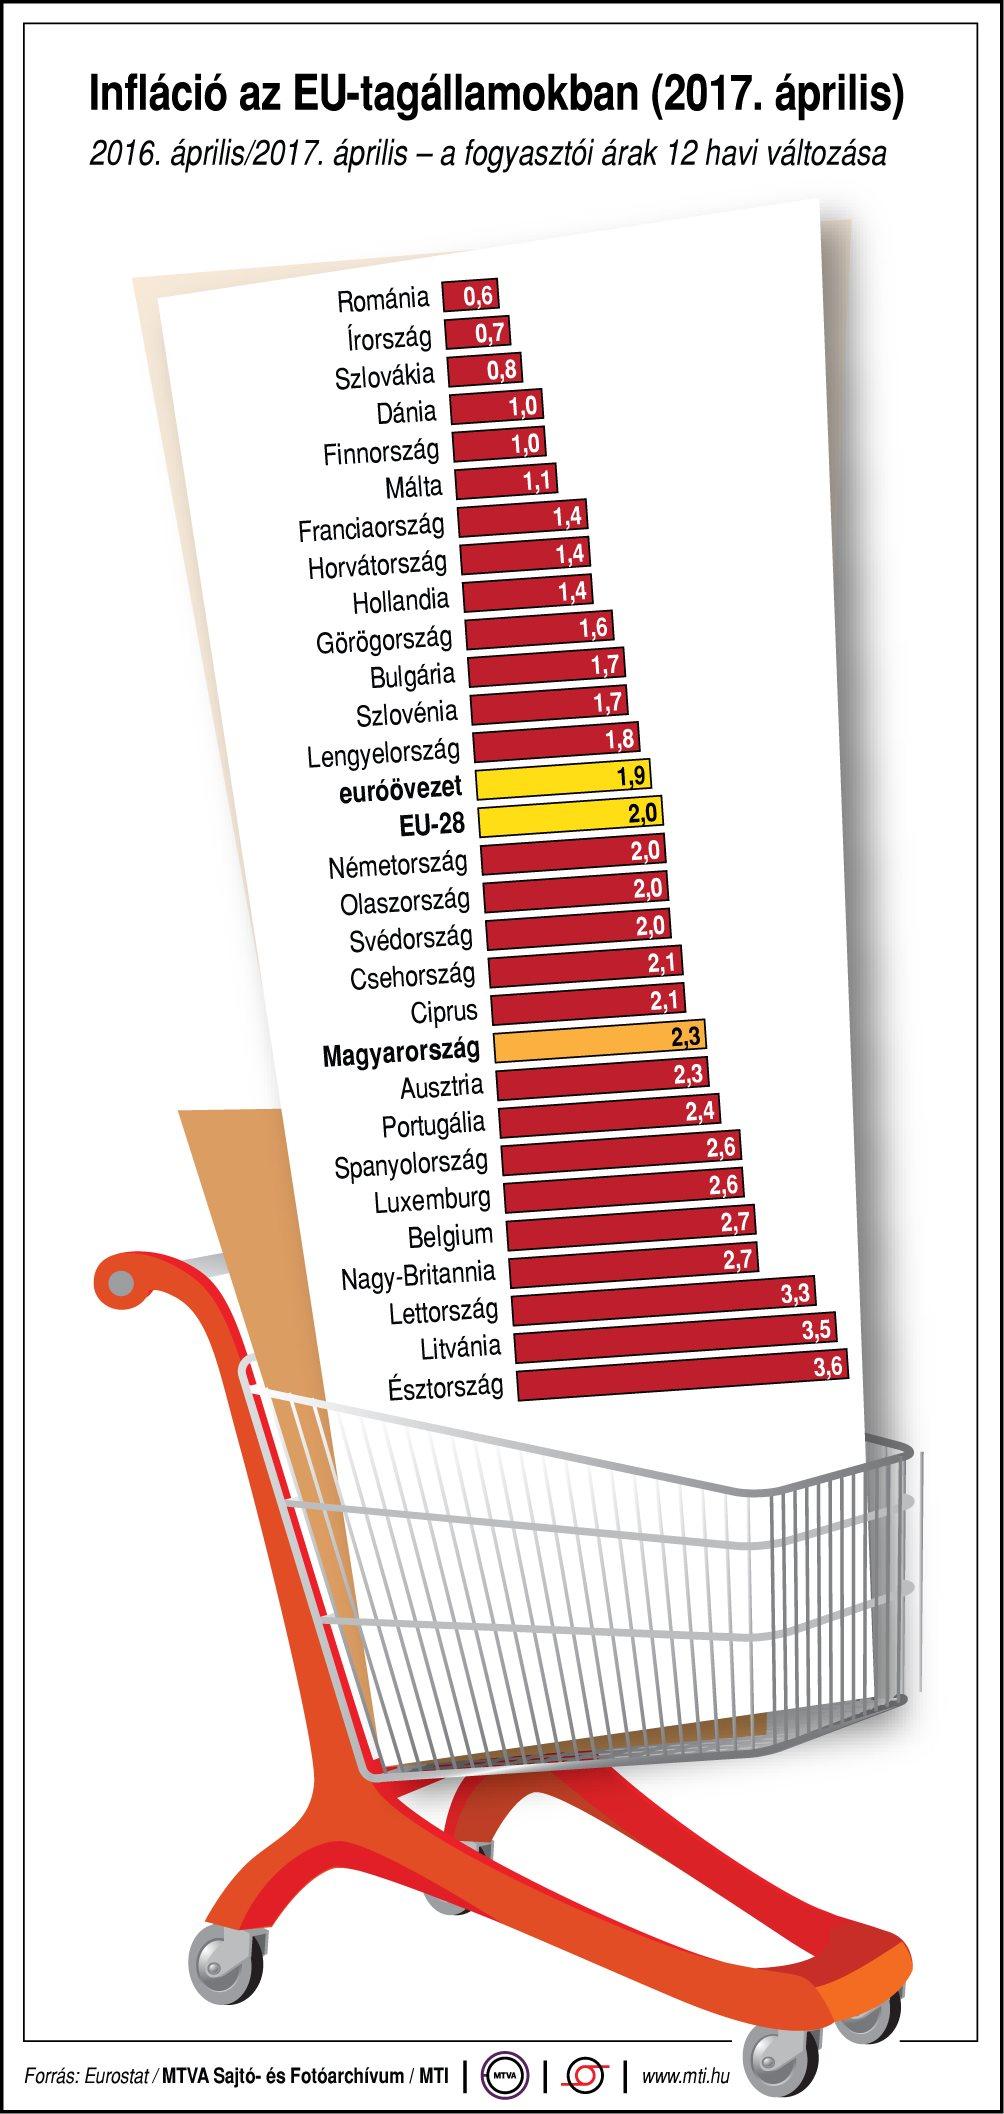 Infláció az EU-tagállamokban - ábra